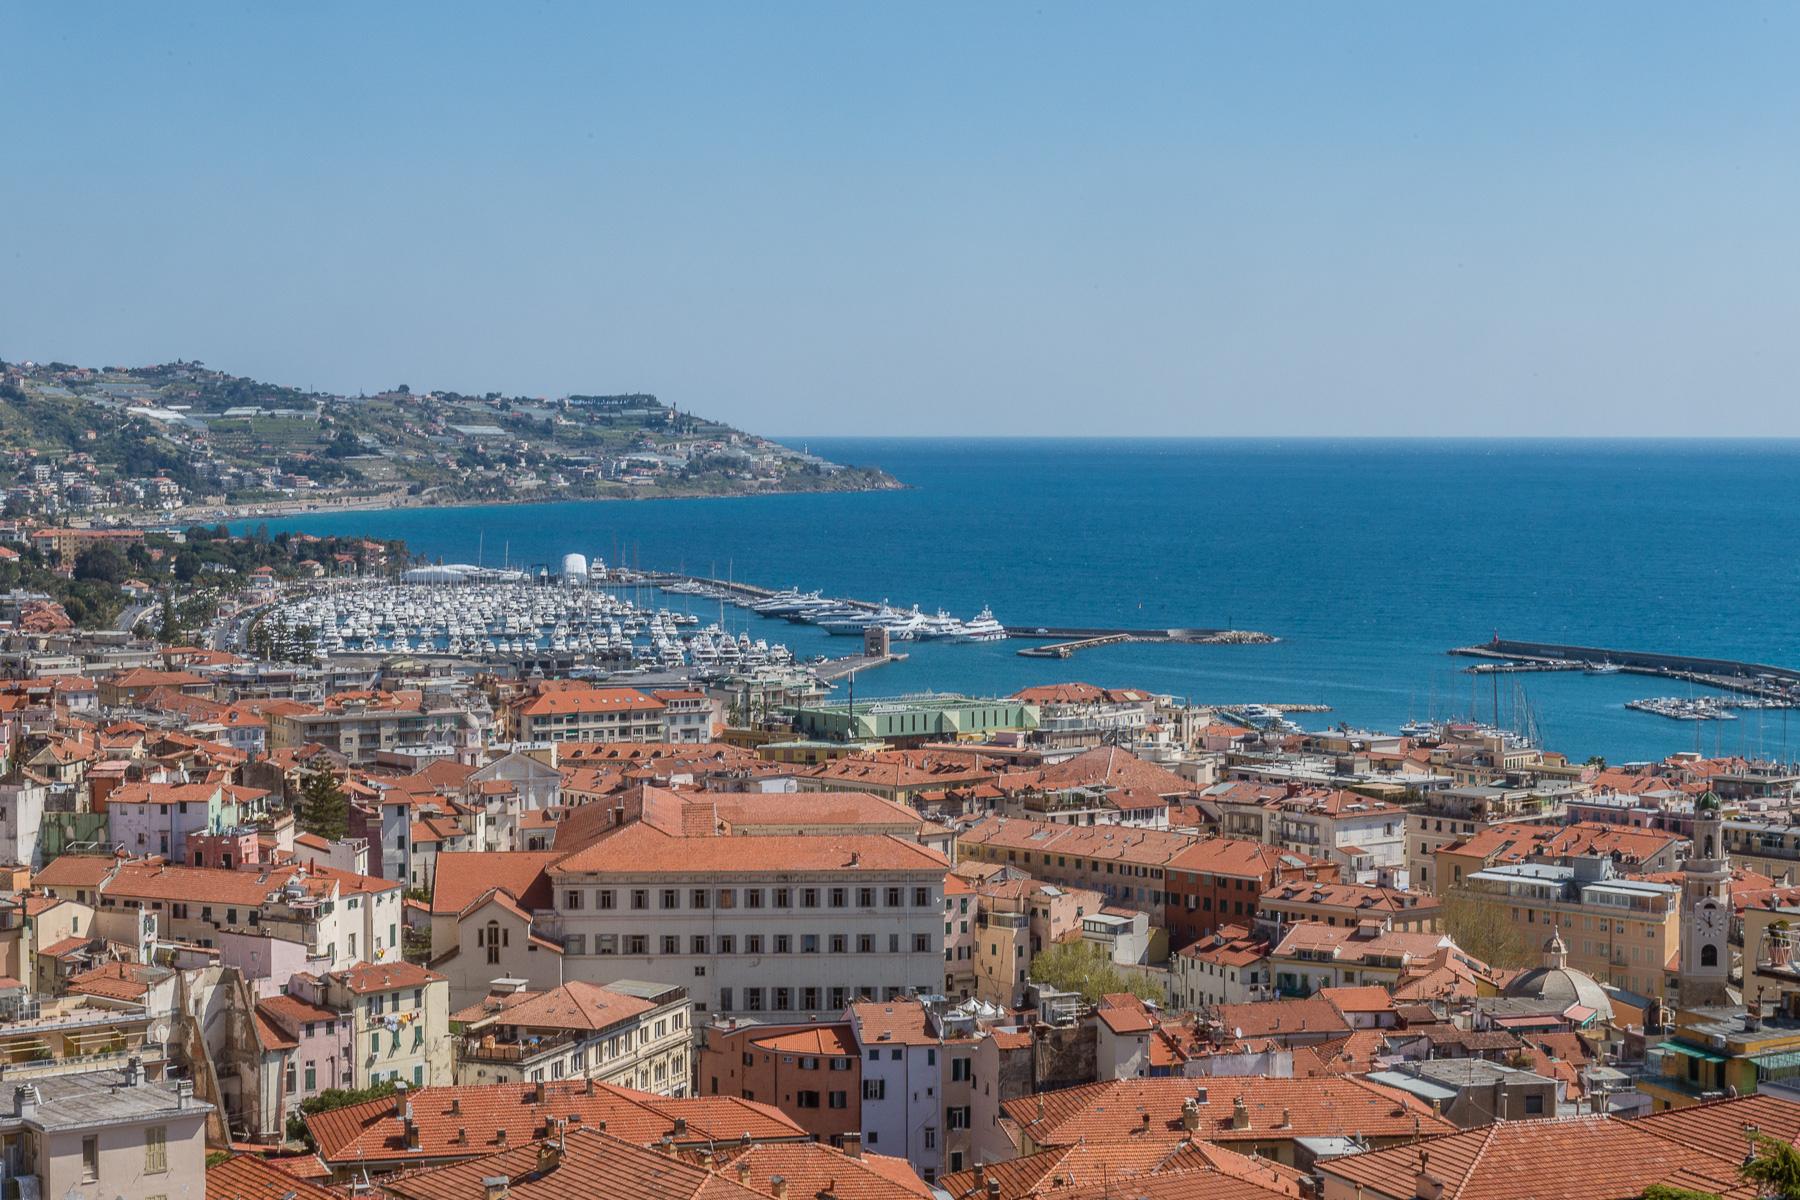 Appartamento in Vendita a Sanremo: 4 locali, 120 mq - Foto 4